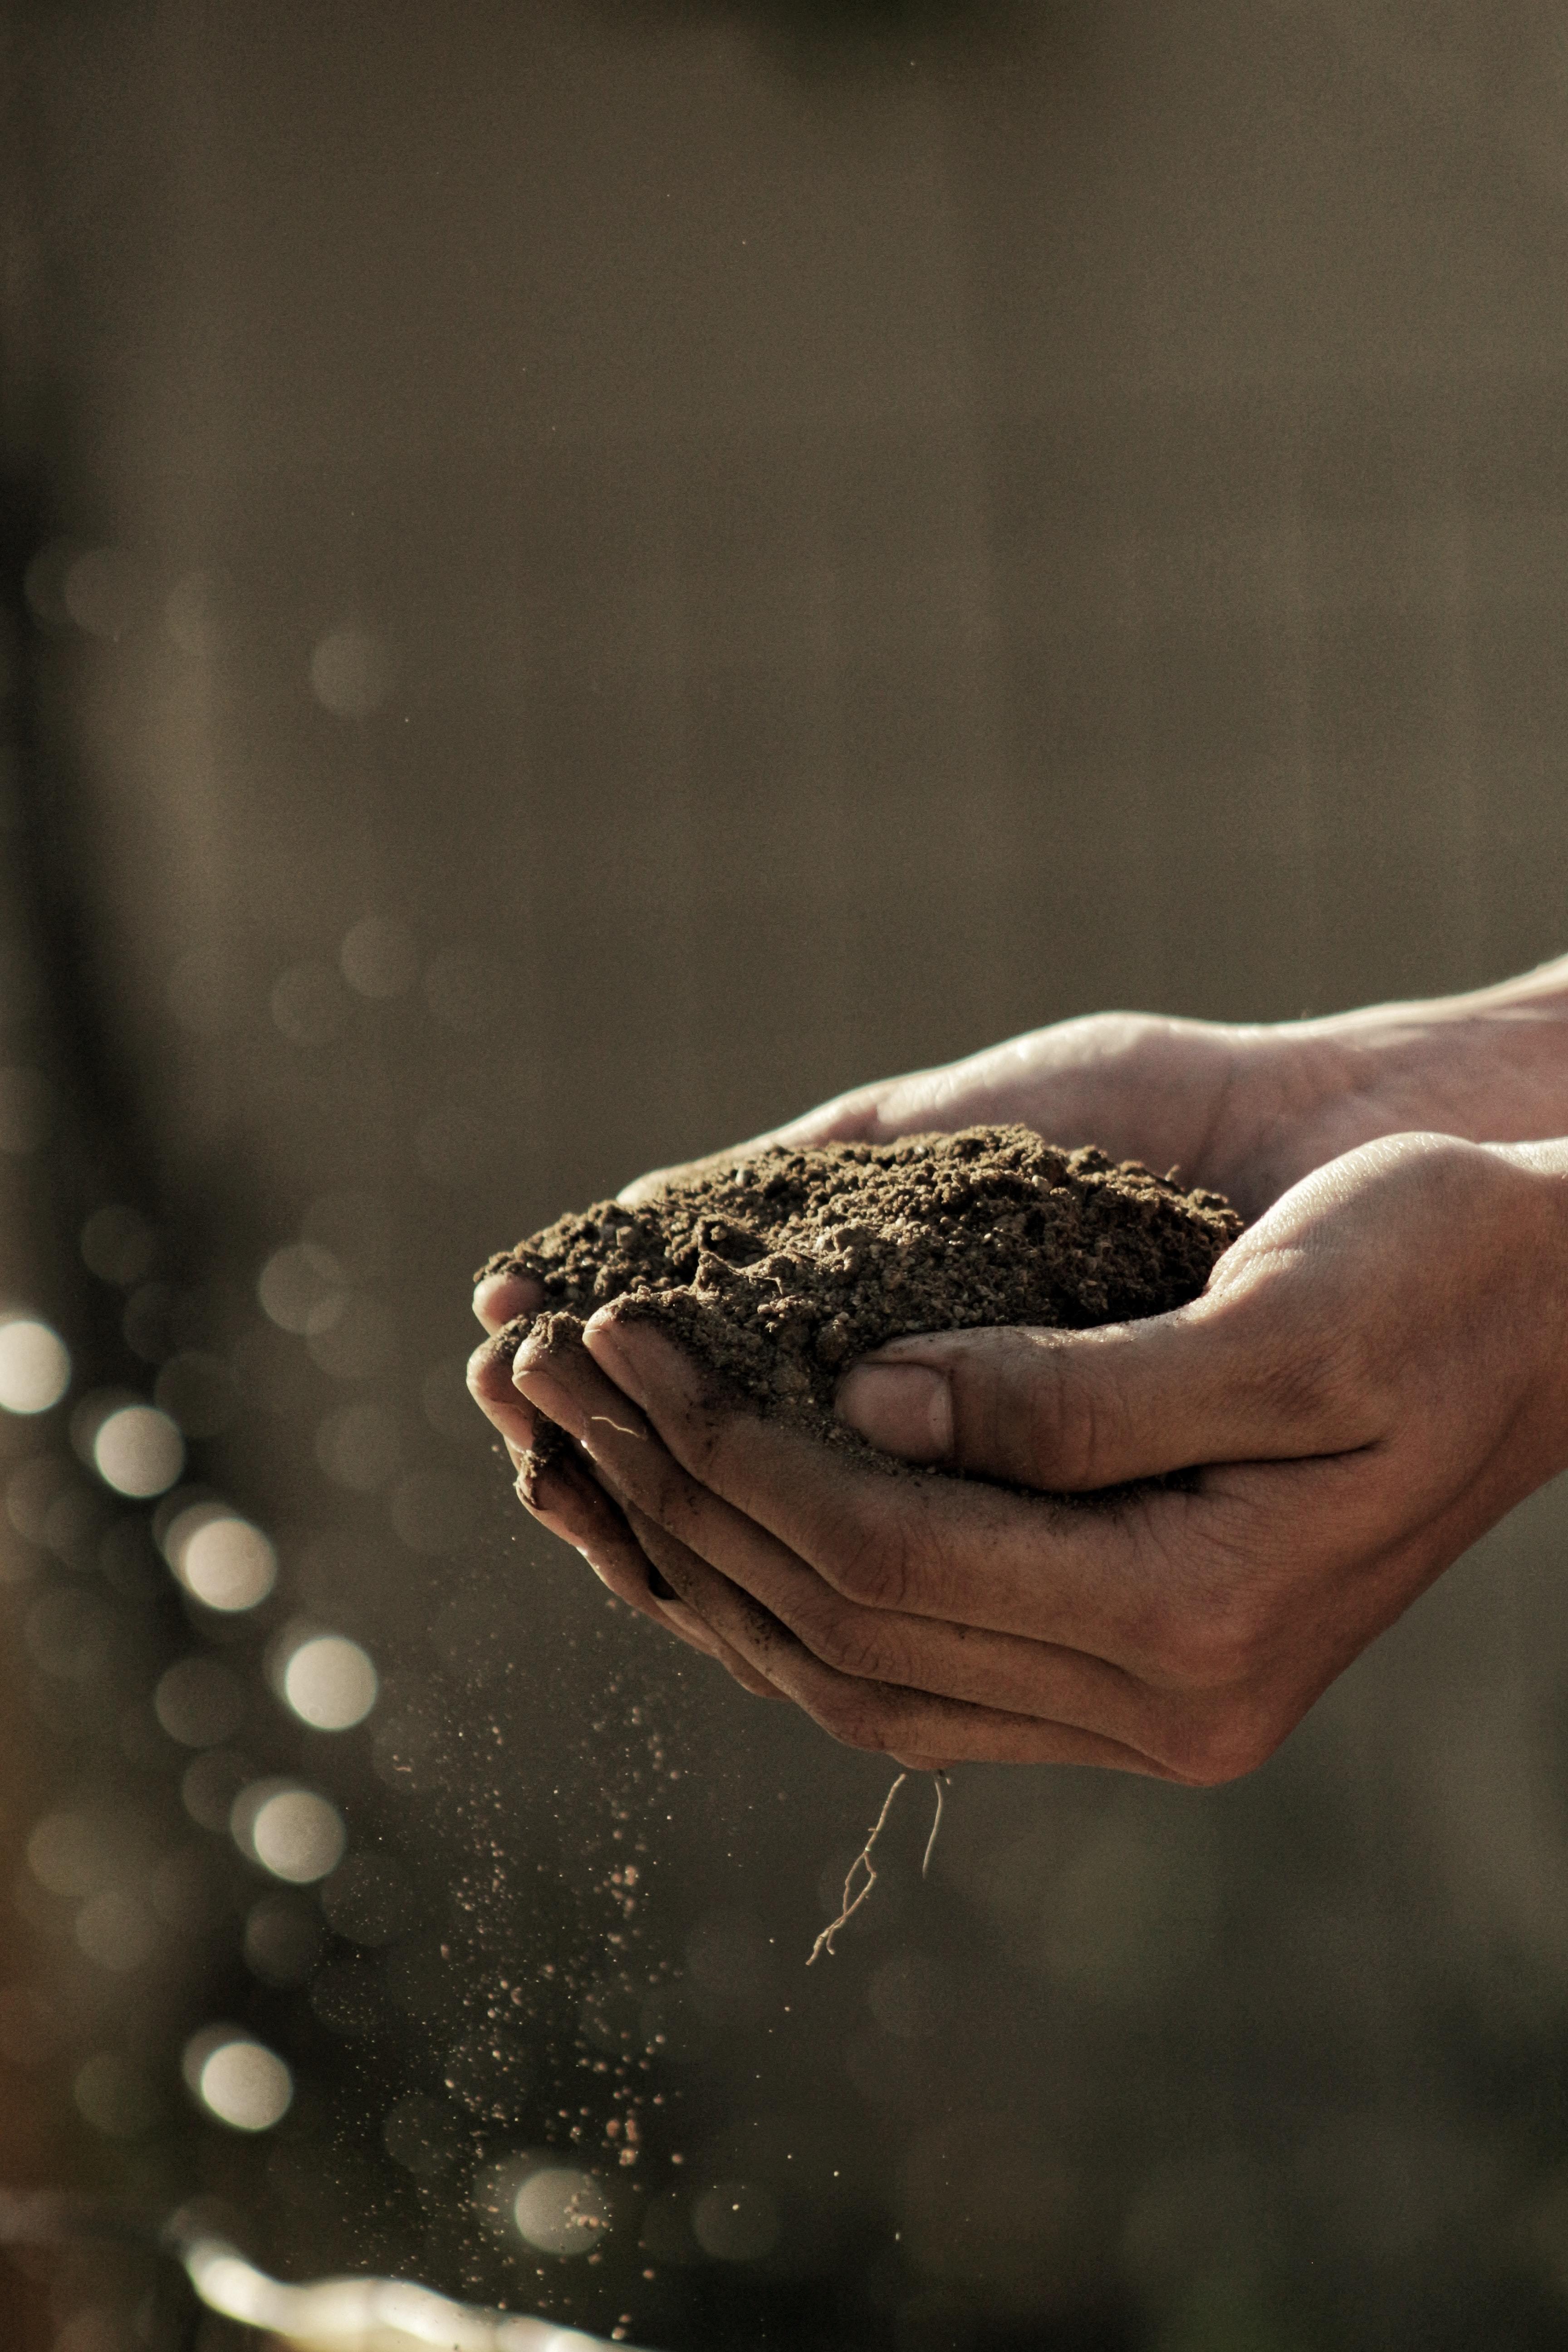 Un chemin Net Zero, Nature Positive est la seule option pour notre survie économique et planétaire.